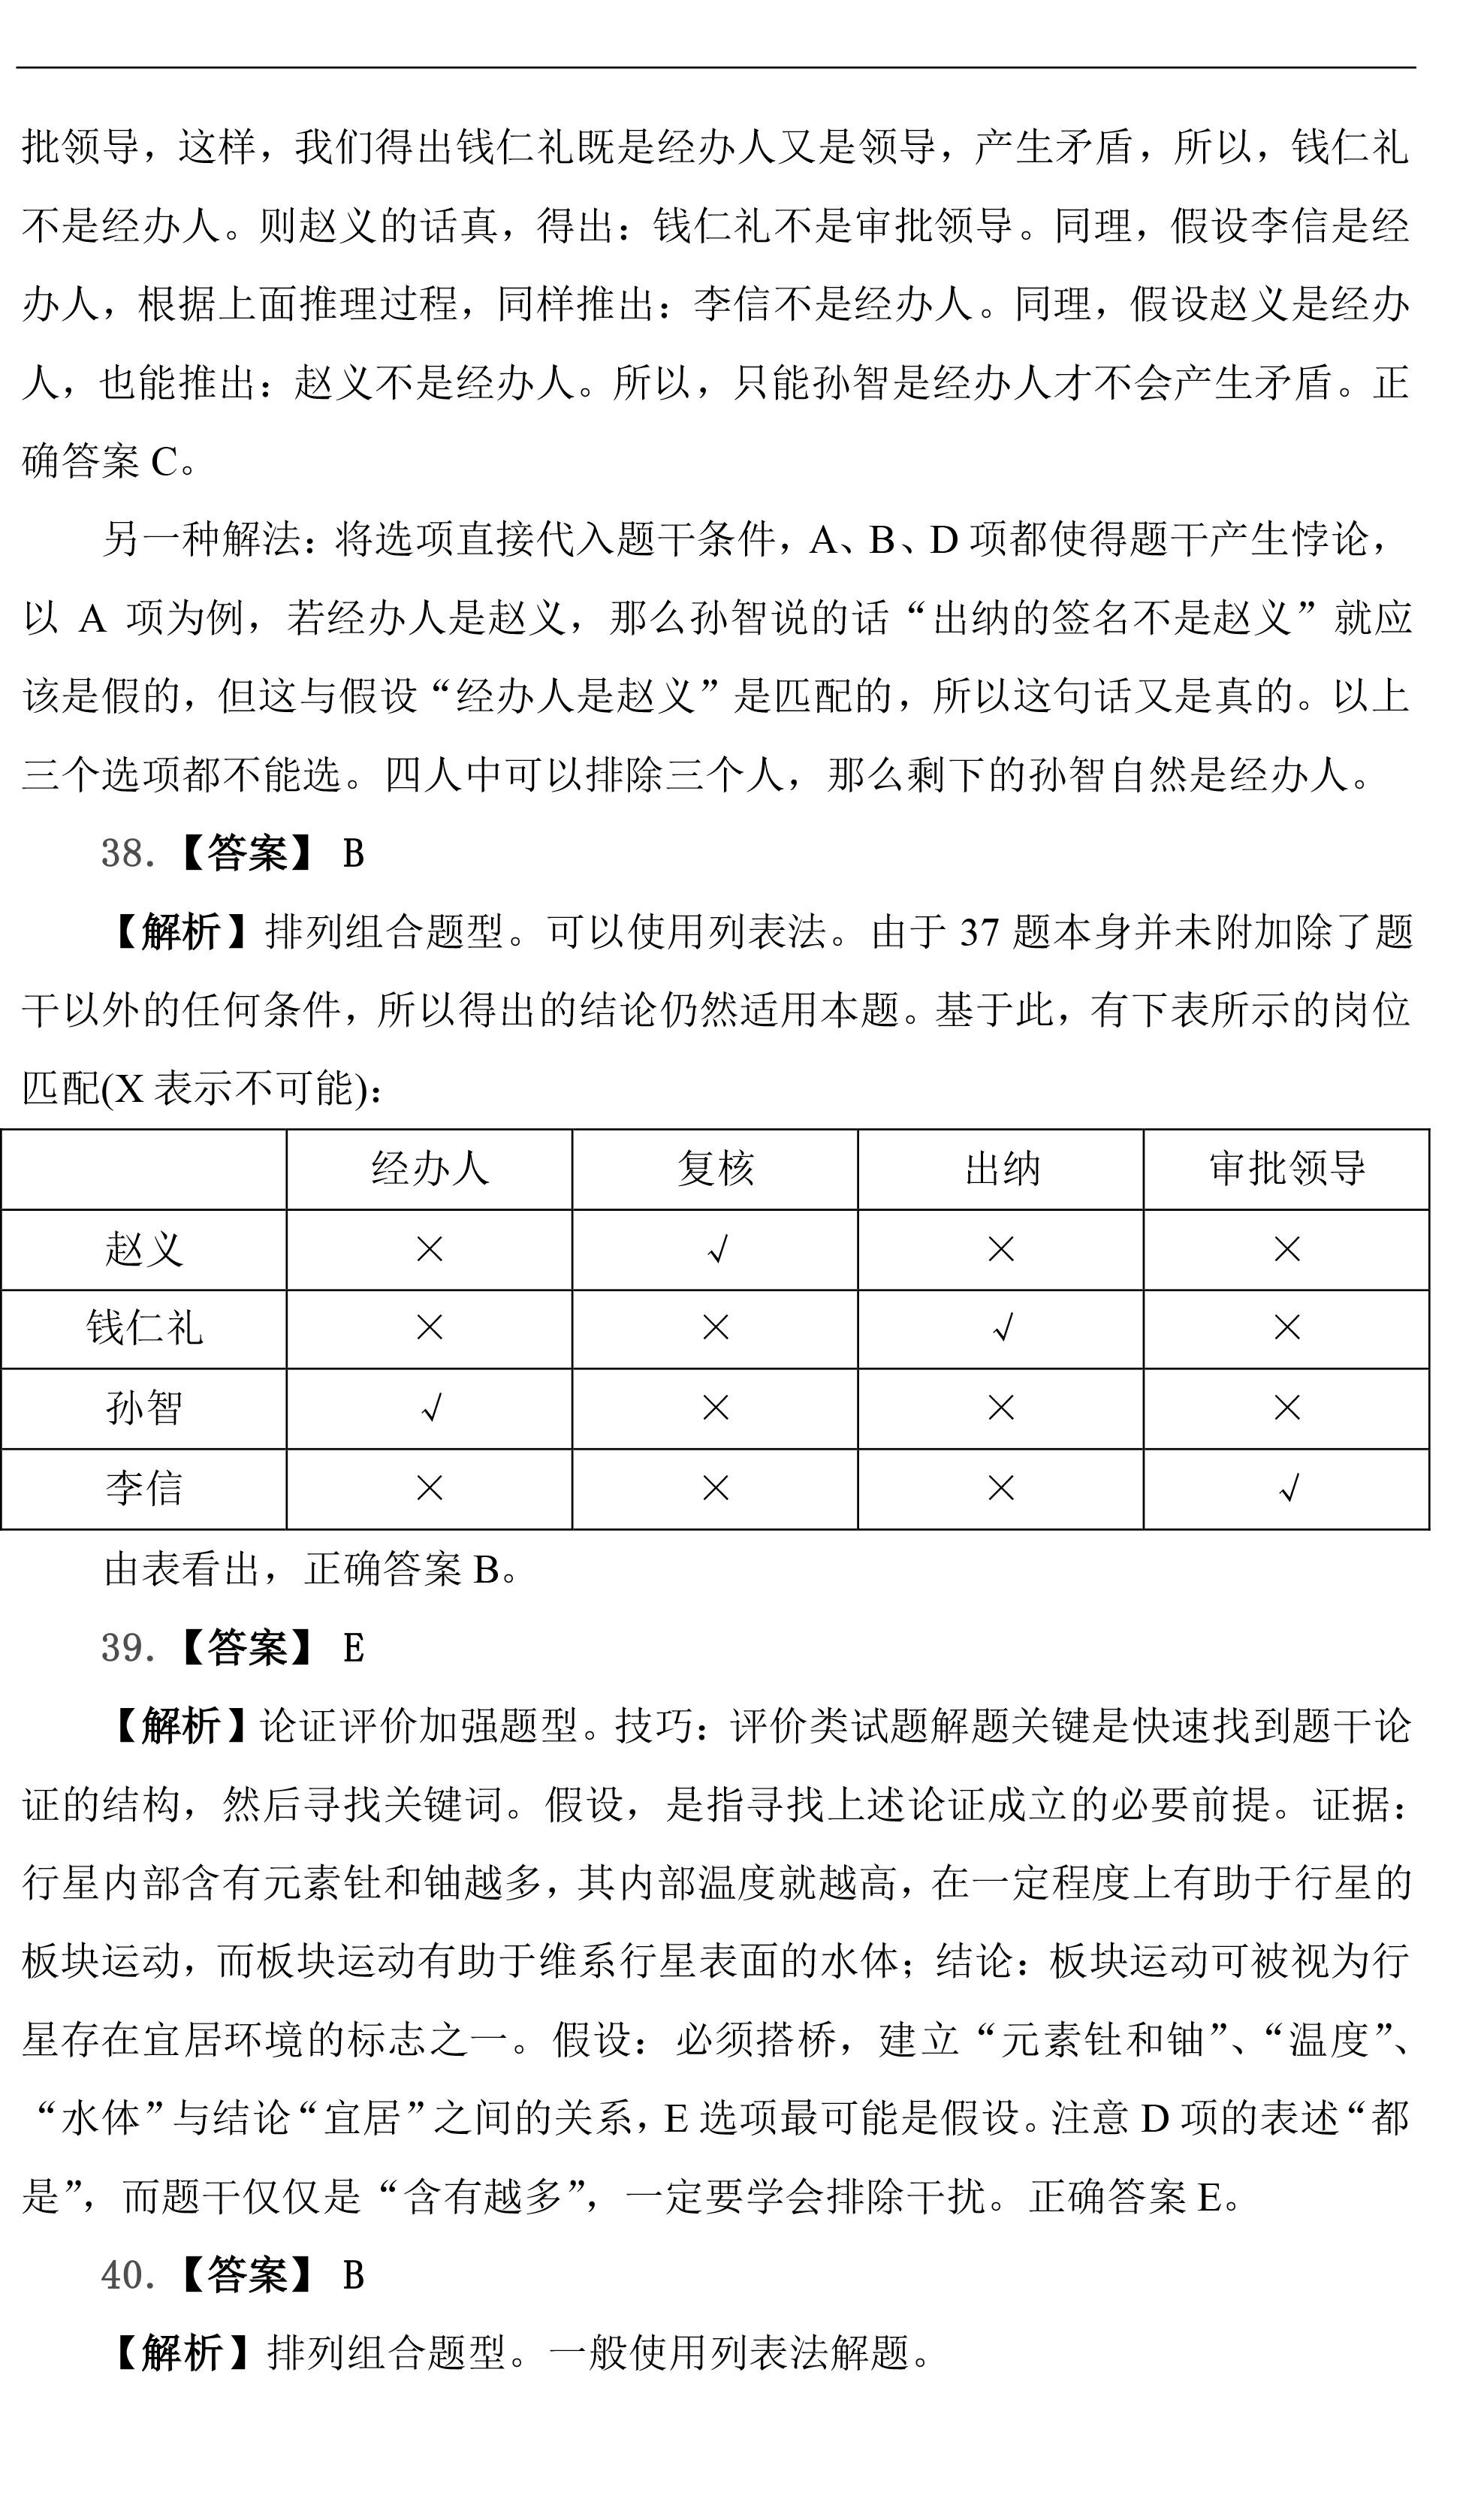 真题试卷集-综合-2014~2018-解析-10.jpg